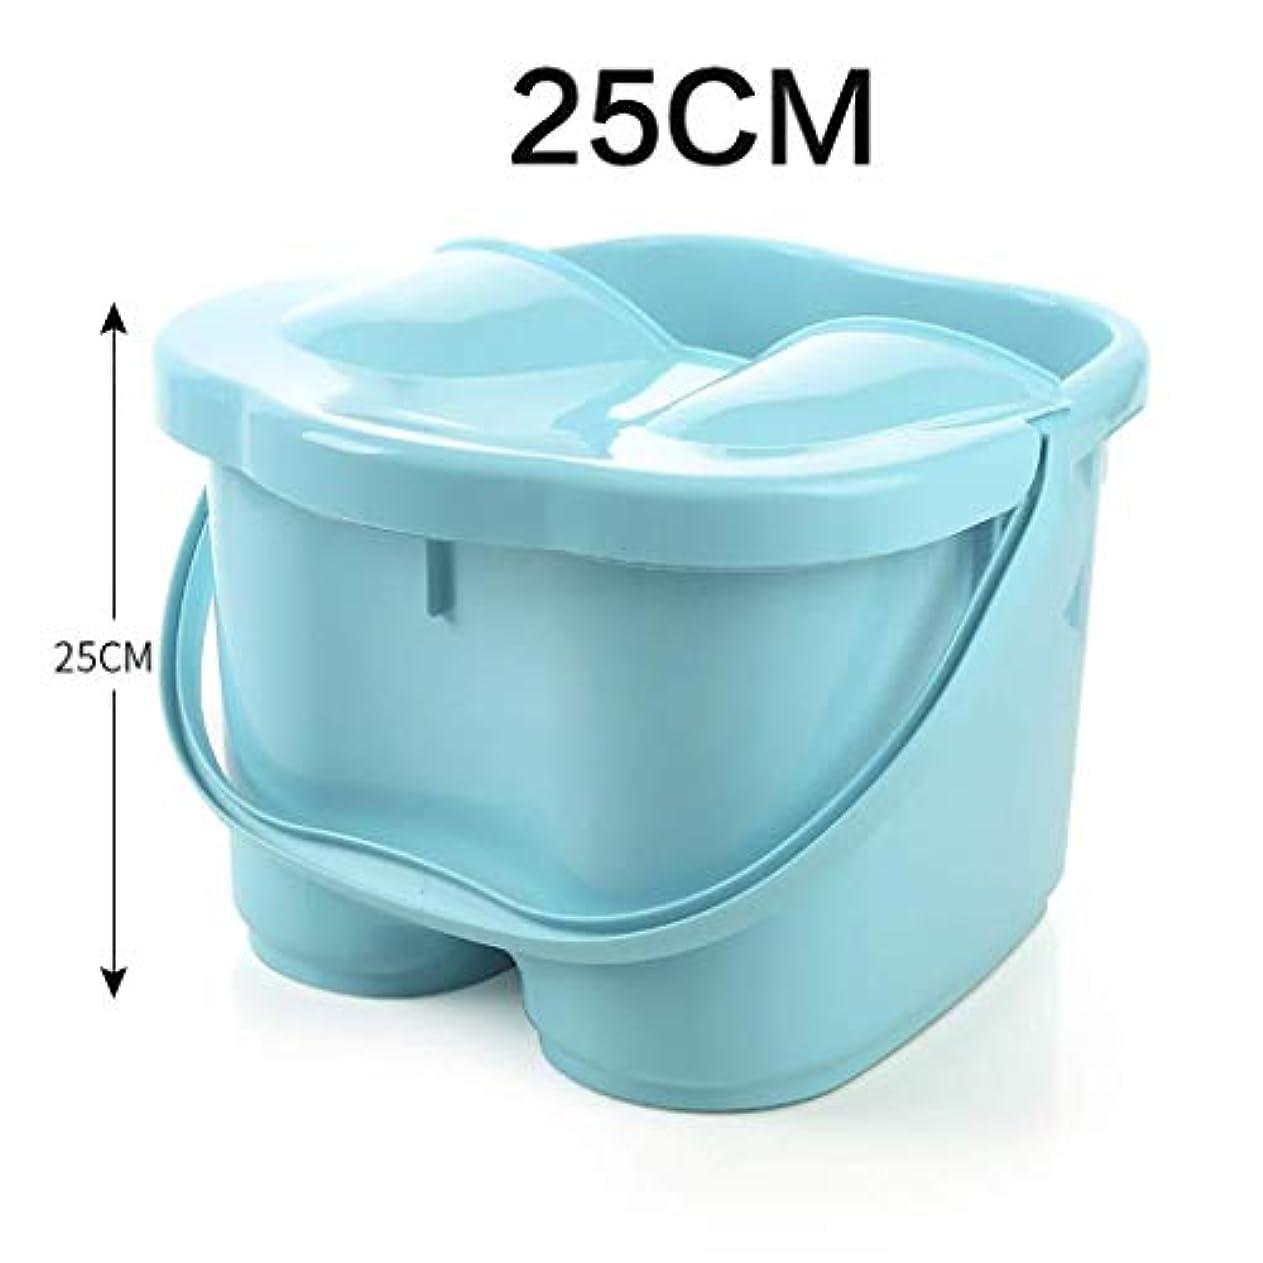 スーダンペンス高度フットバスバレル、スクエア発泡プラスチックボウル、フットバスフットバスバレルは、ハンドルポータブル、多機能 (Color : 青)